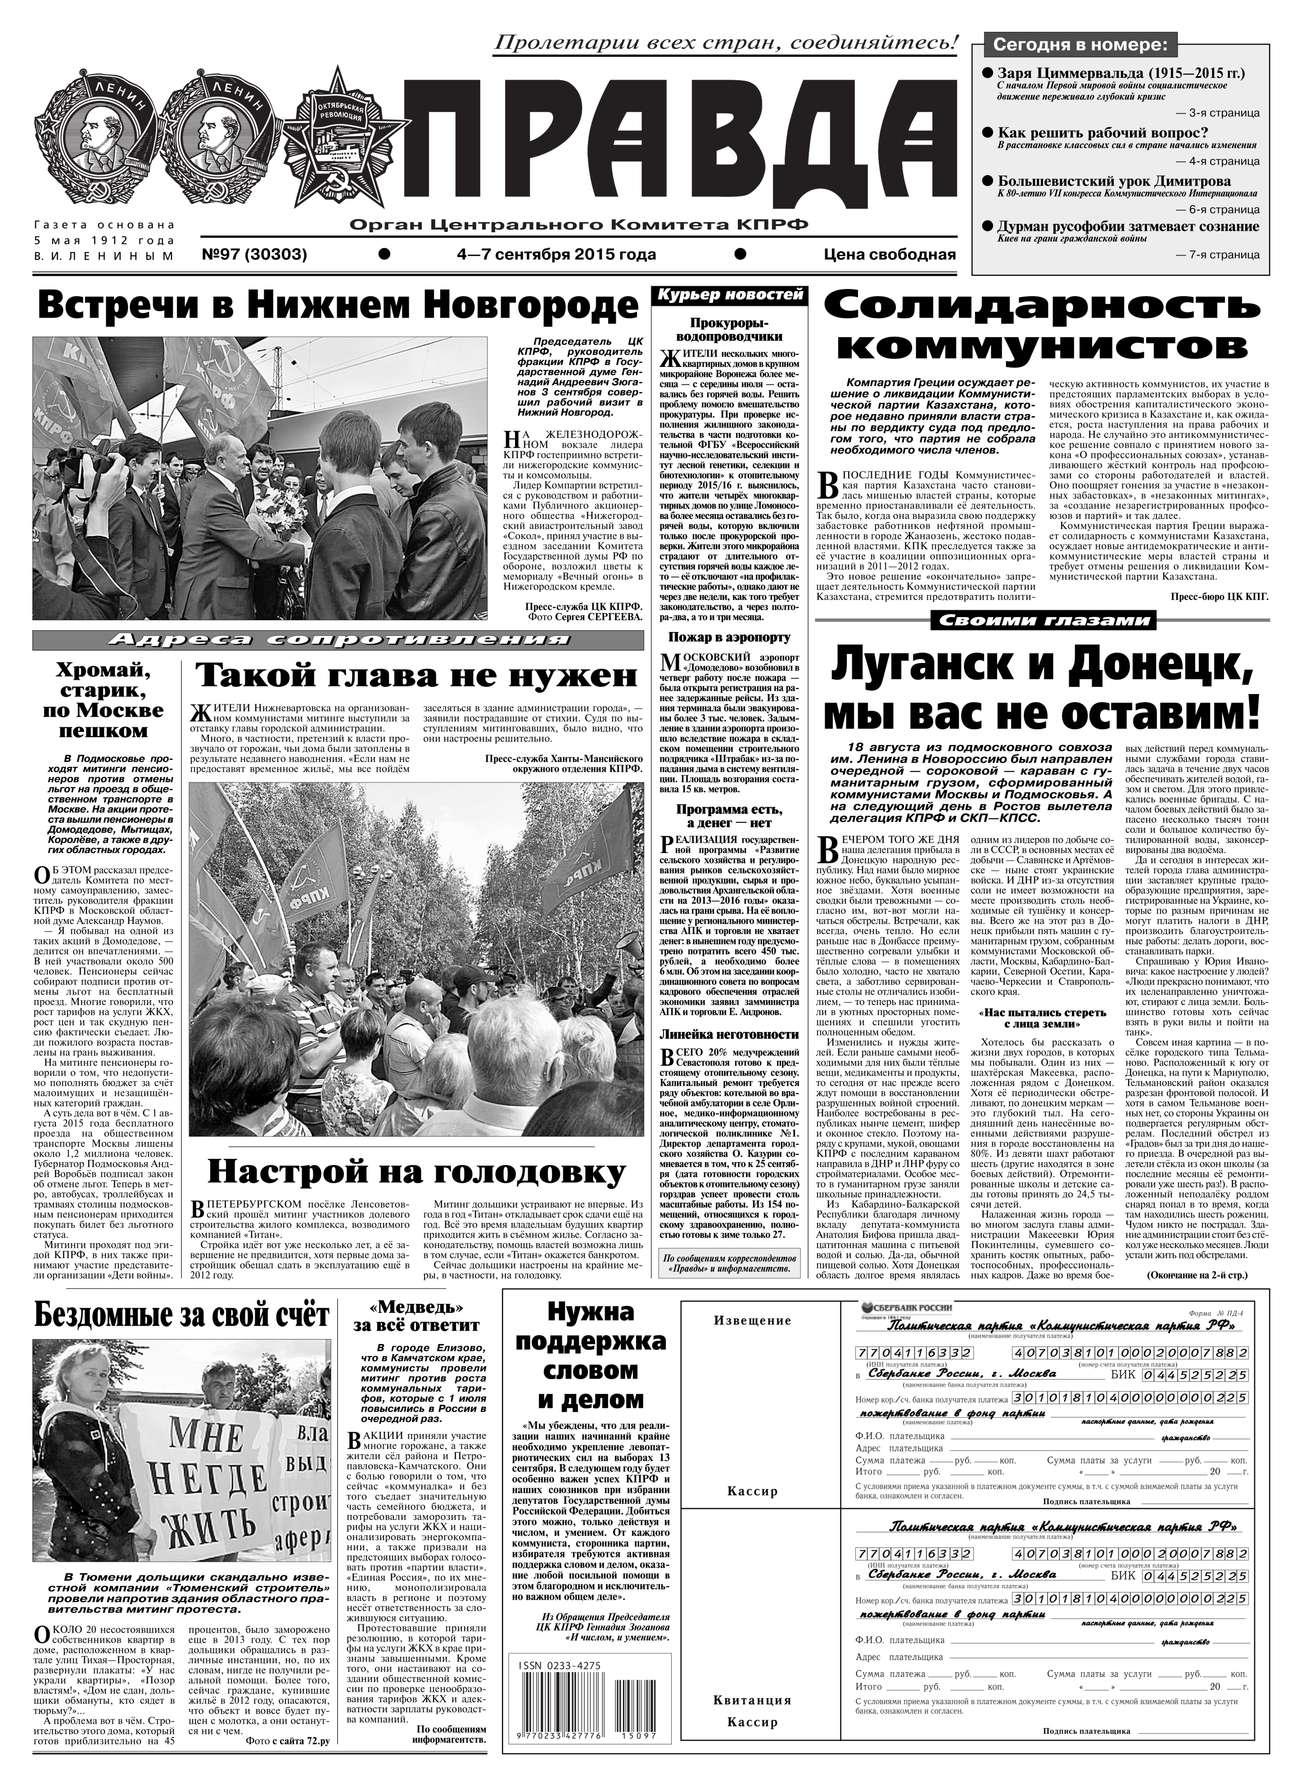 Редакция газеты Правда Правда 97-2015